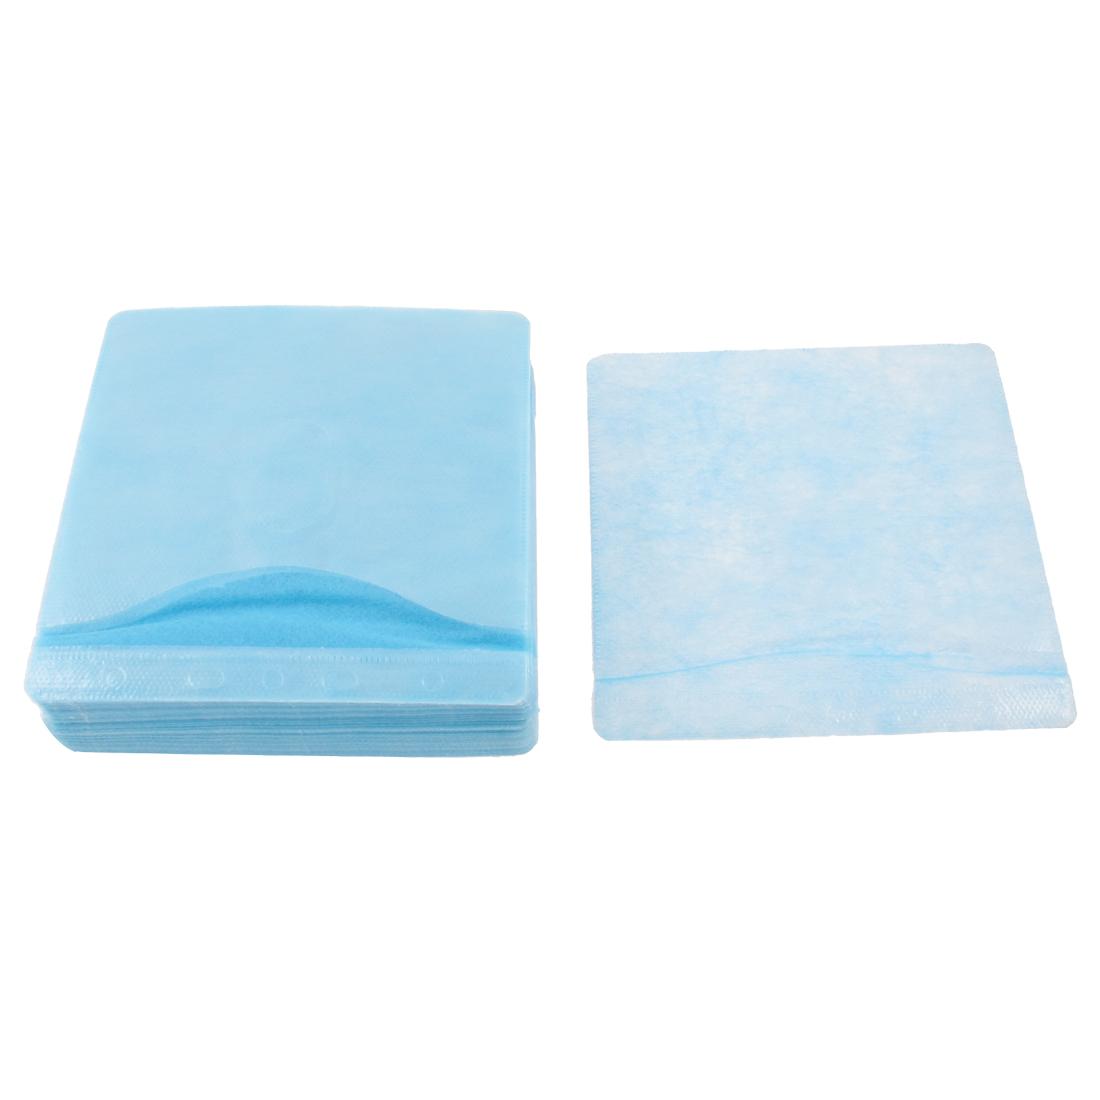 100pcs Blue PP Dual Sides CD DVD Disc Sleeves Storage Holder Bag